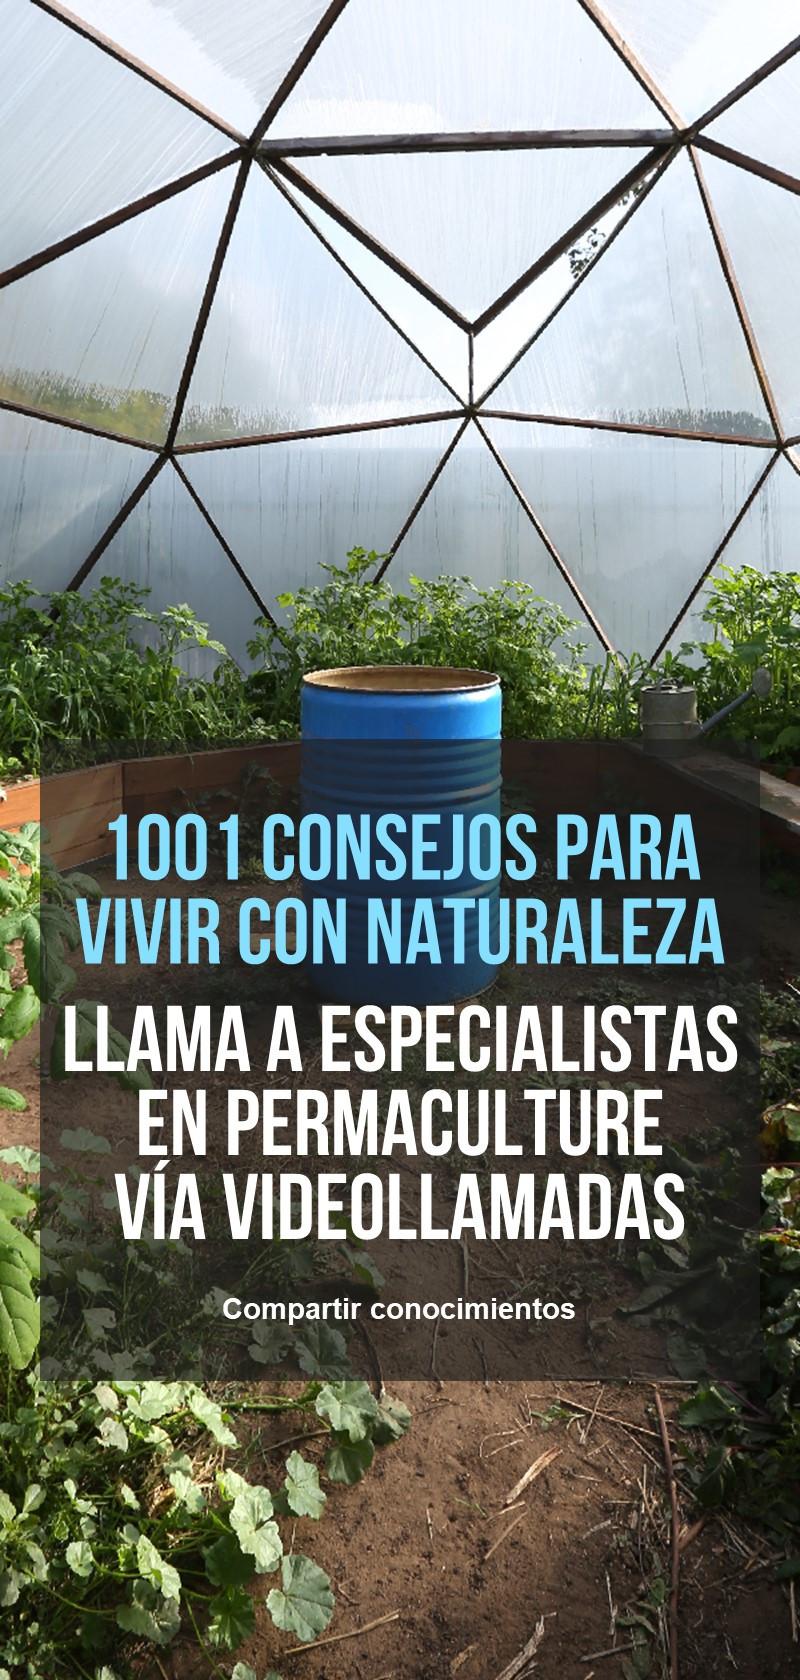 Principios de permacultura y jardinería